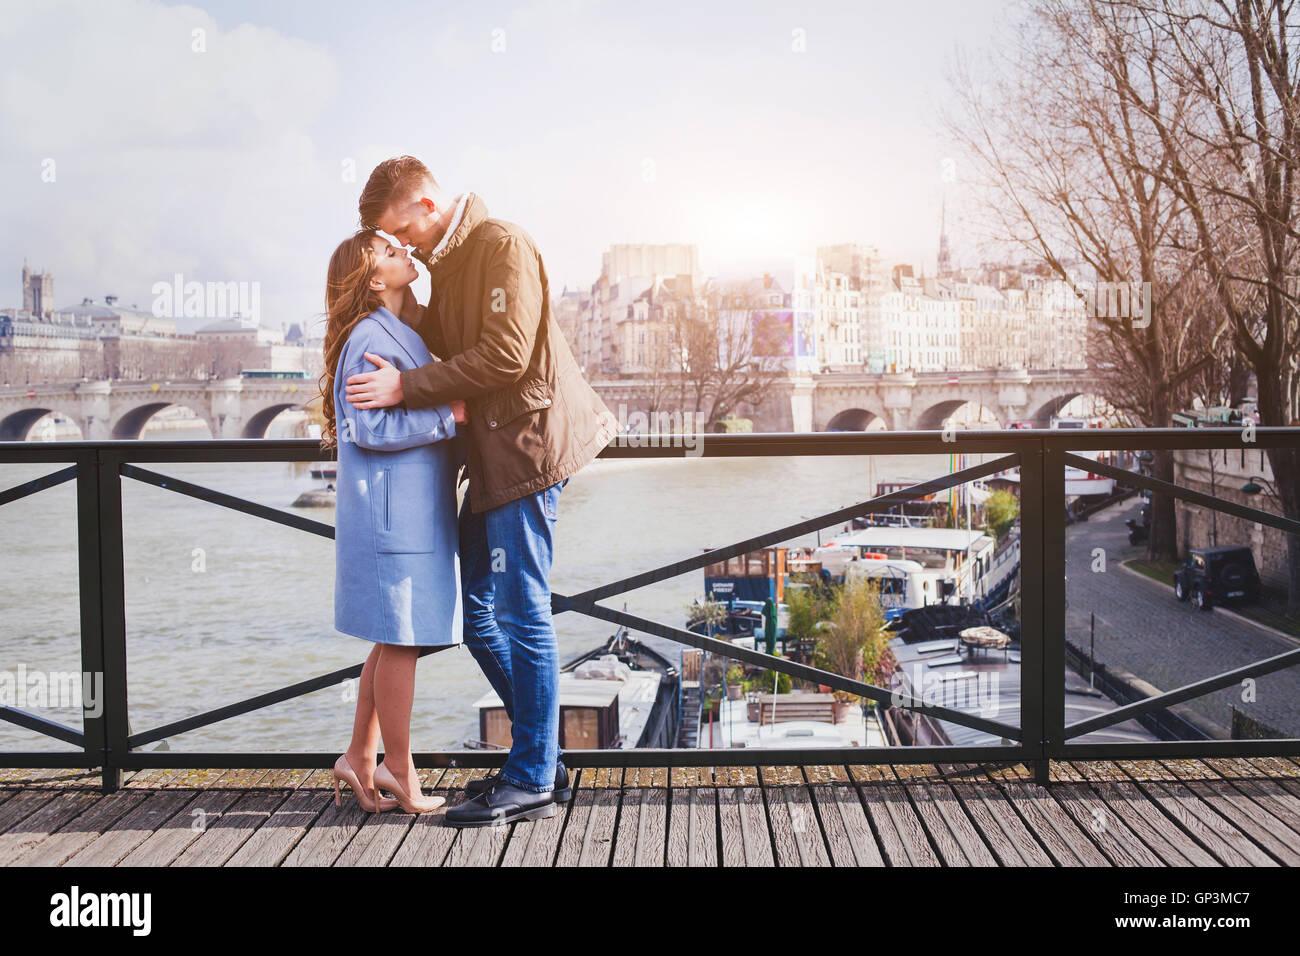 Data romantico, coppia giovane kissing sul ponte a Parigi Immagini Stock